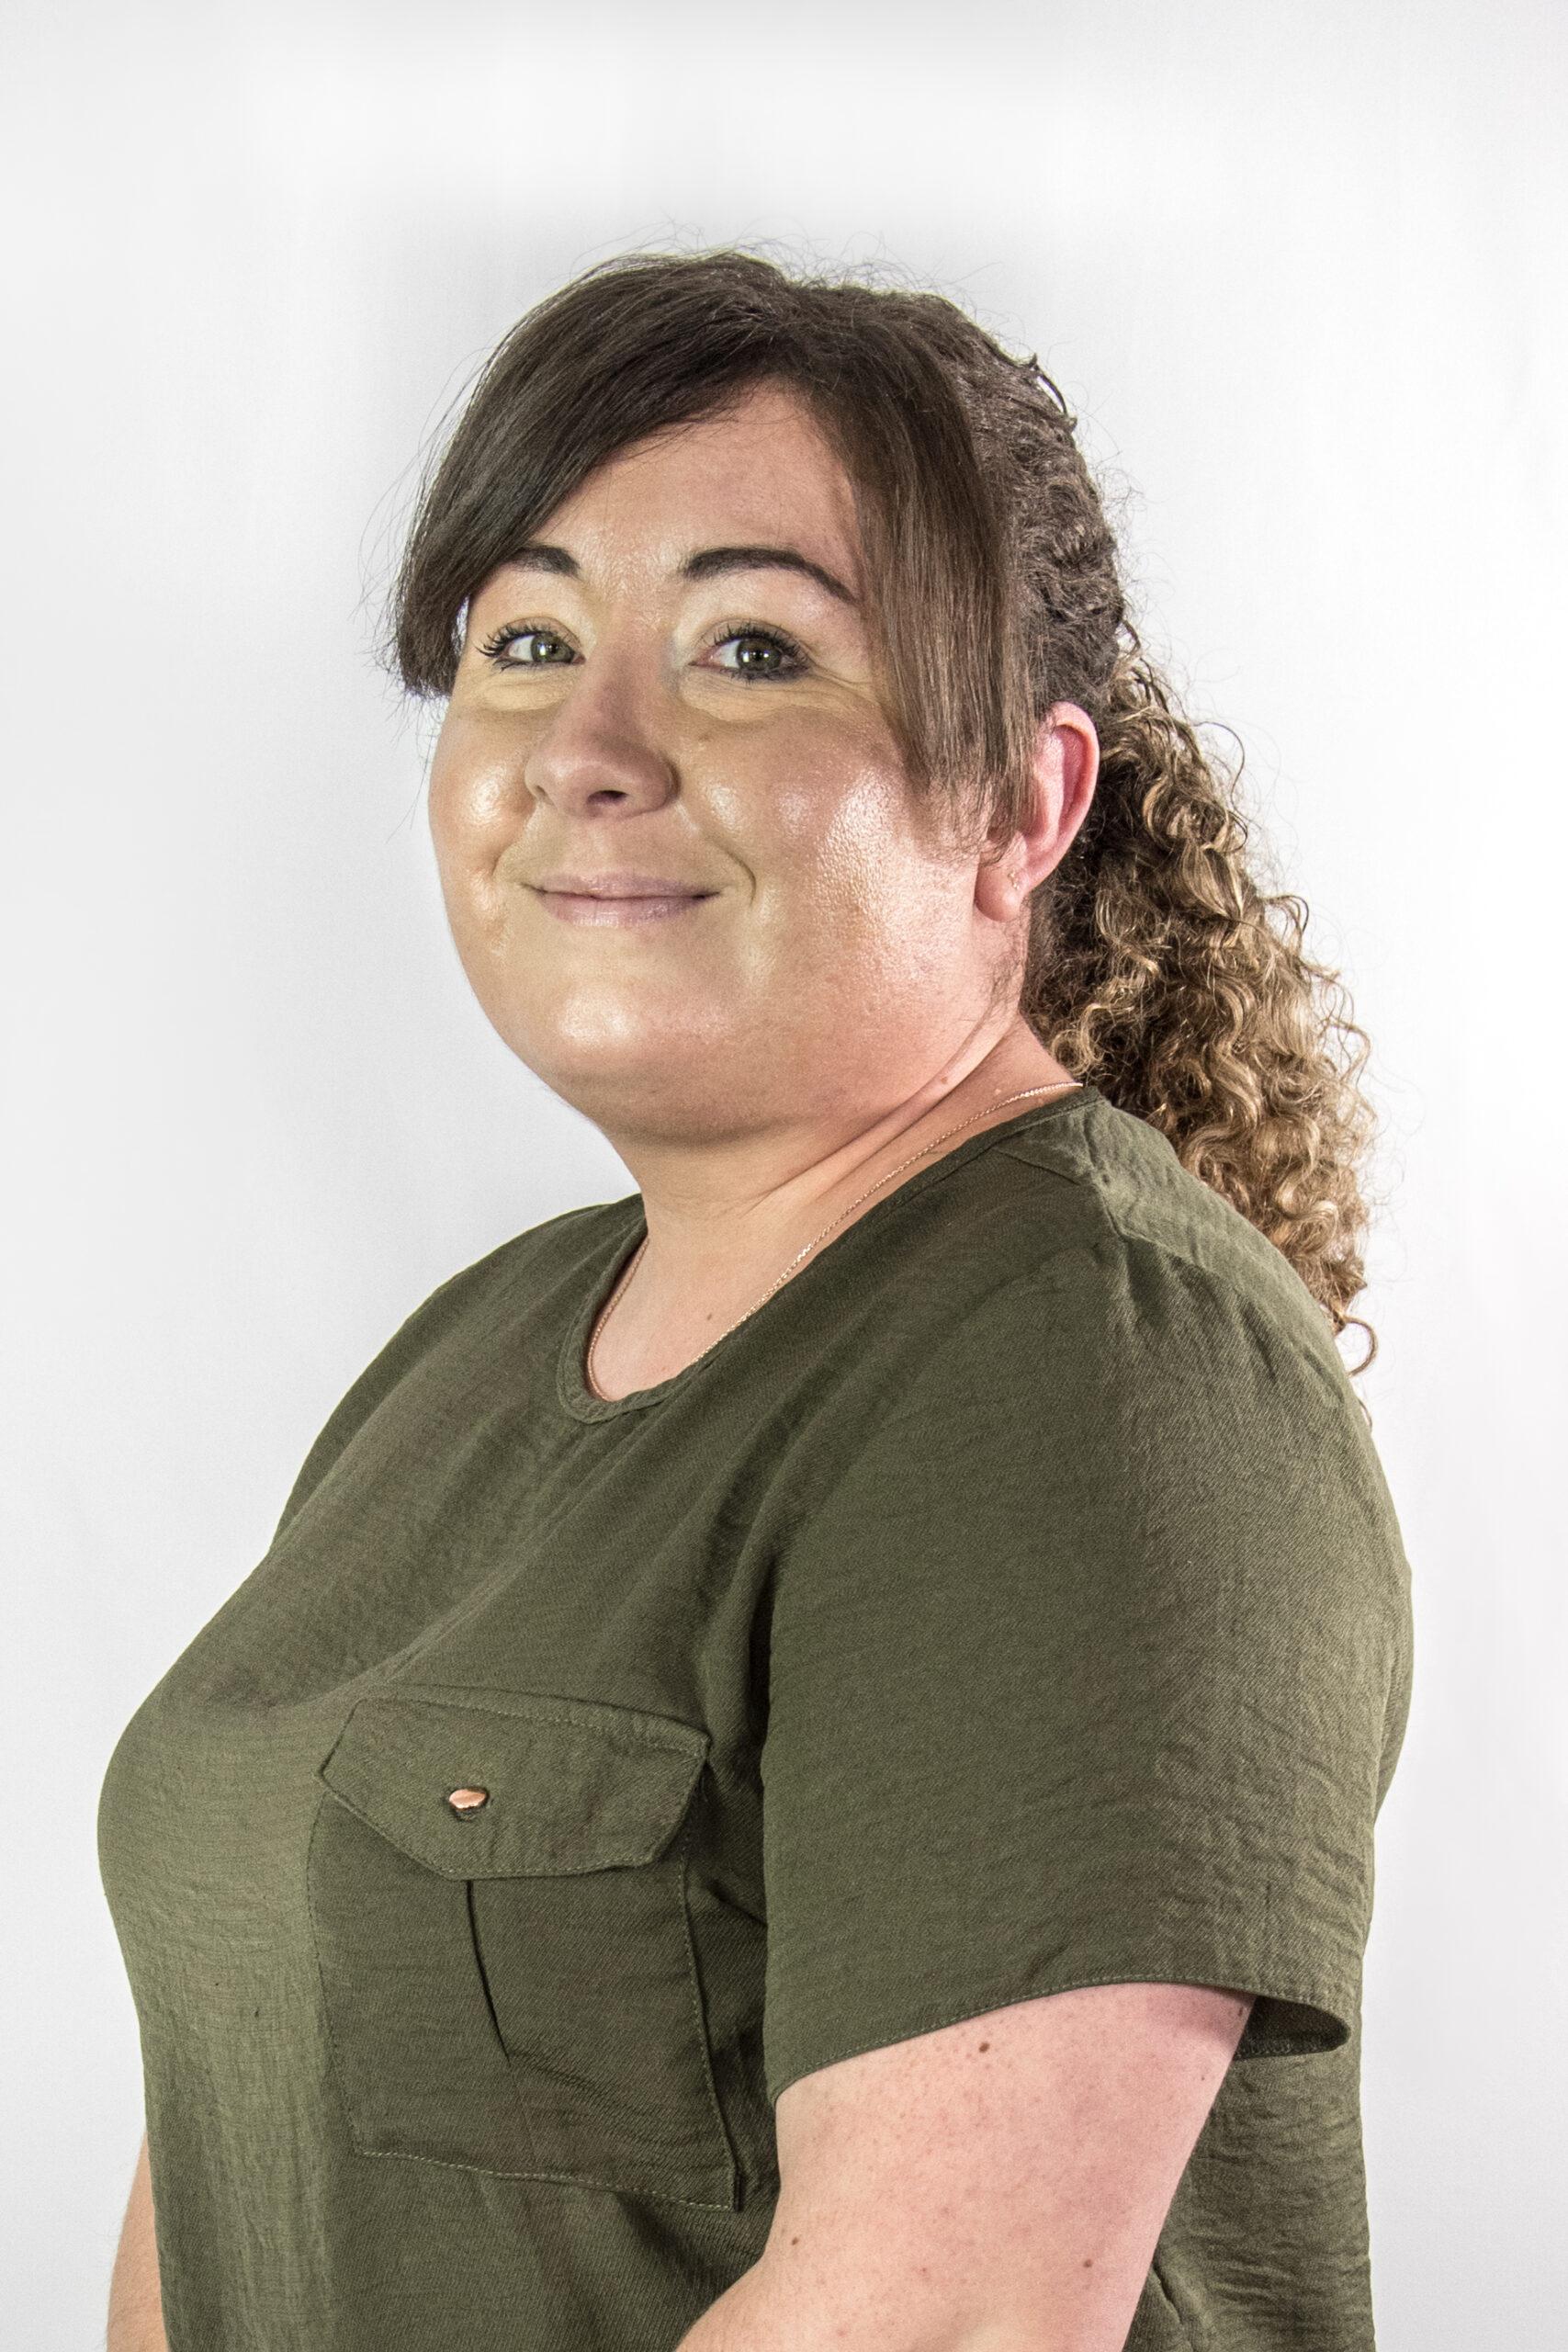 Amy Esberger